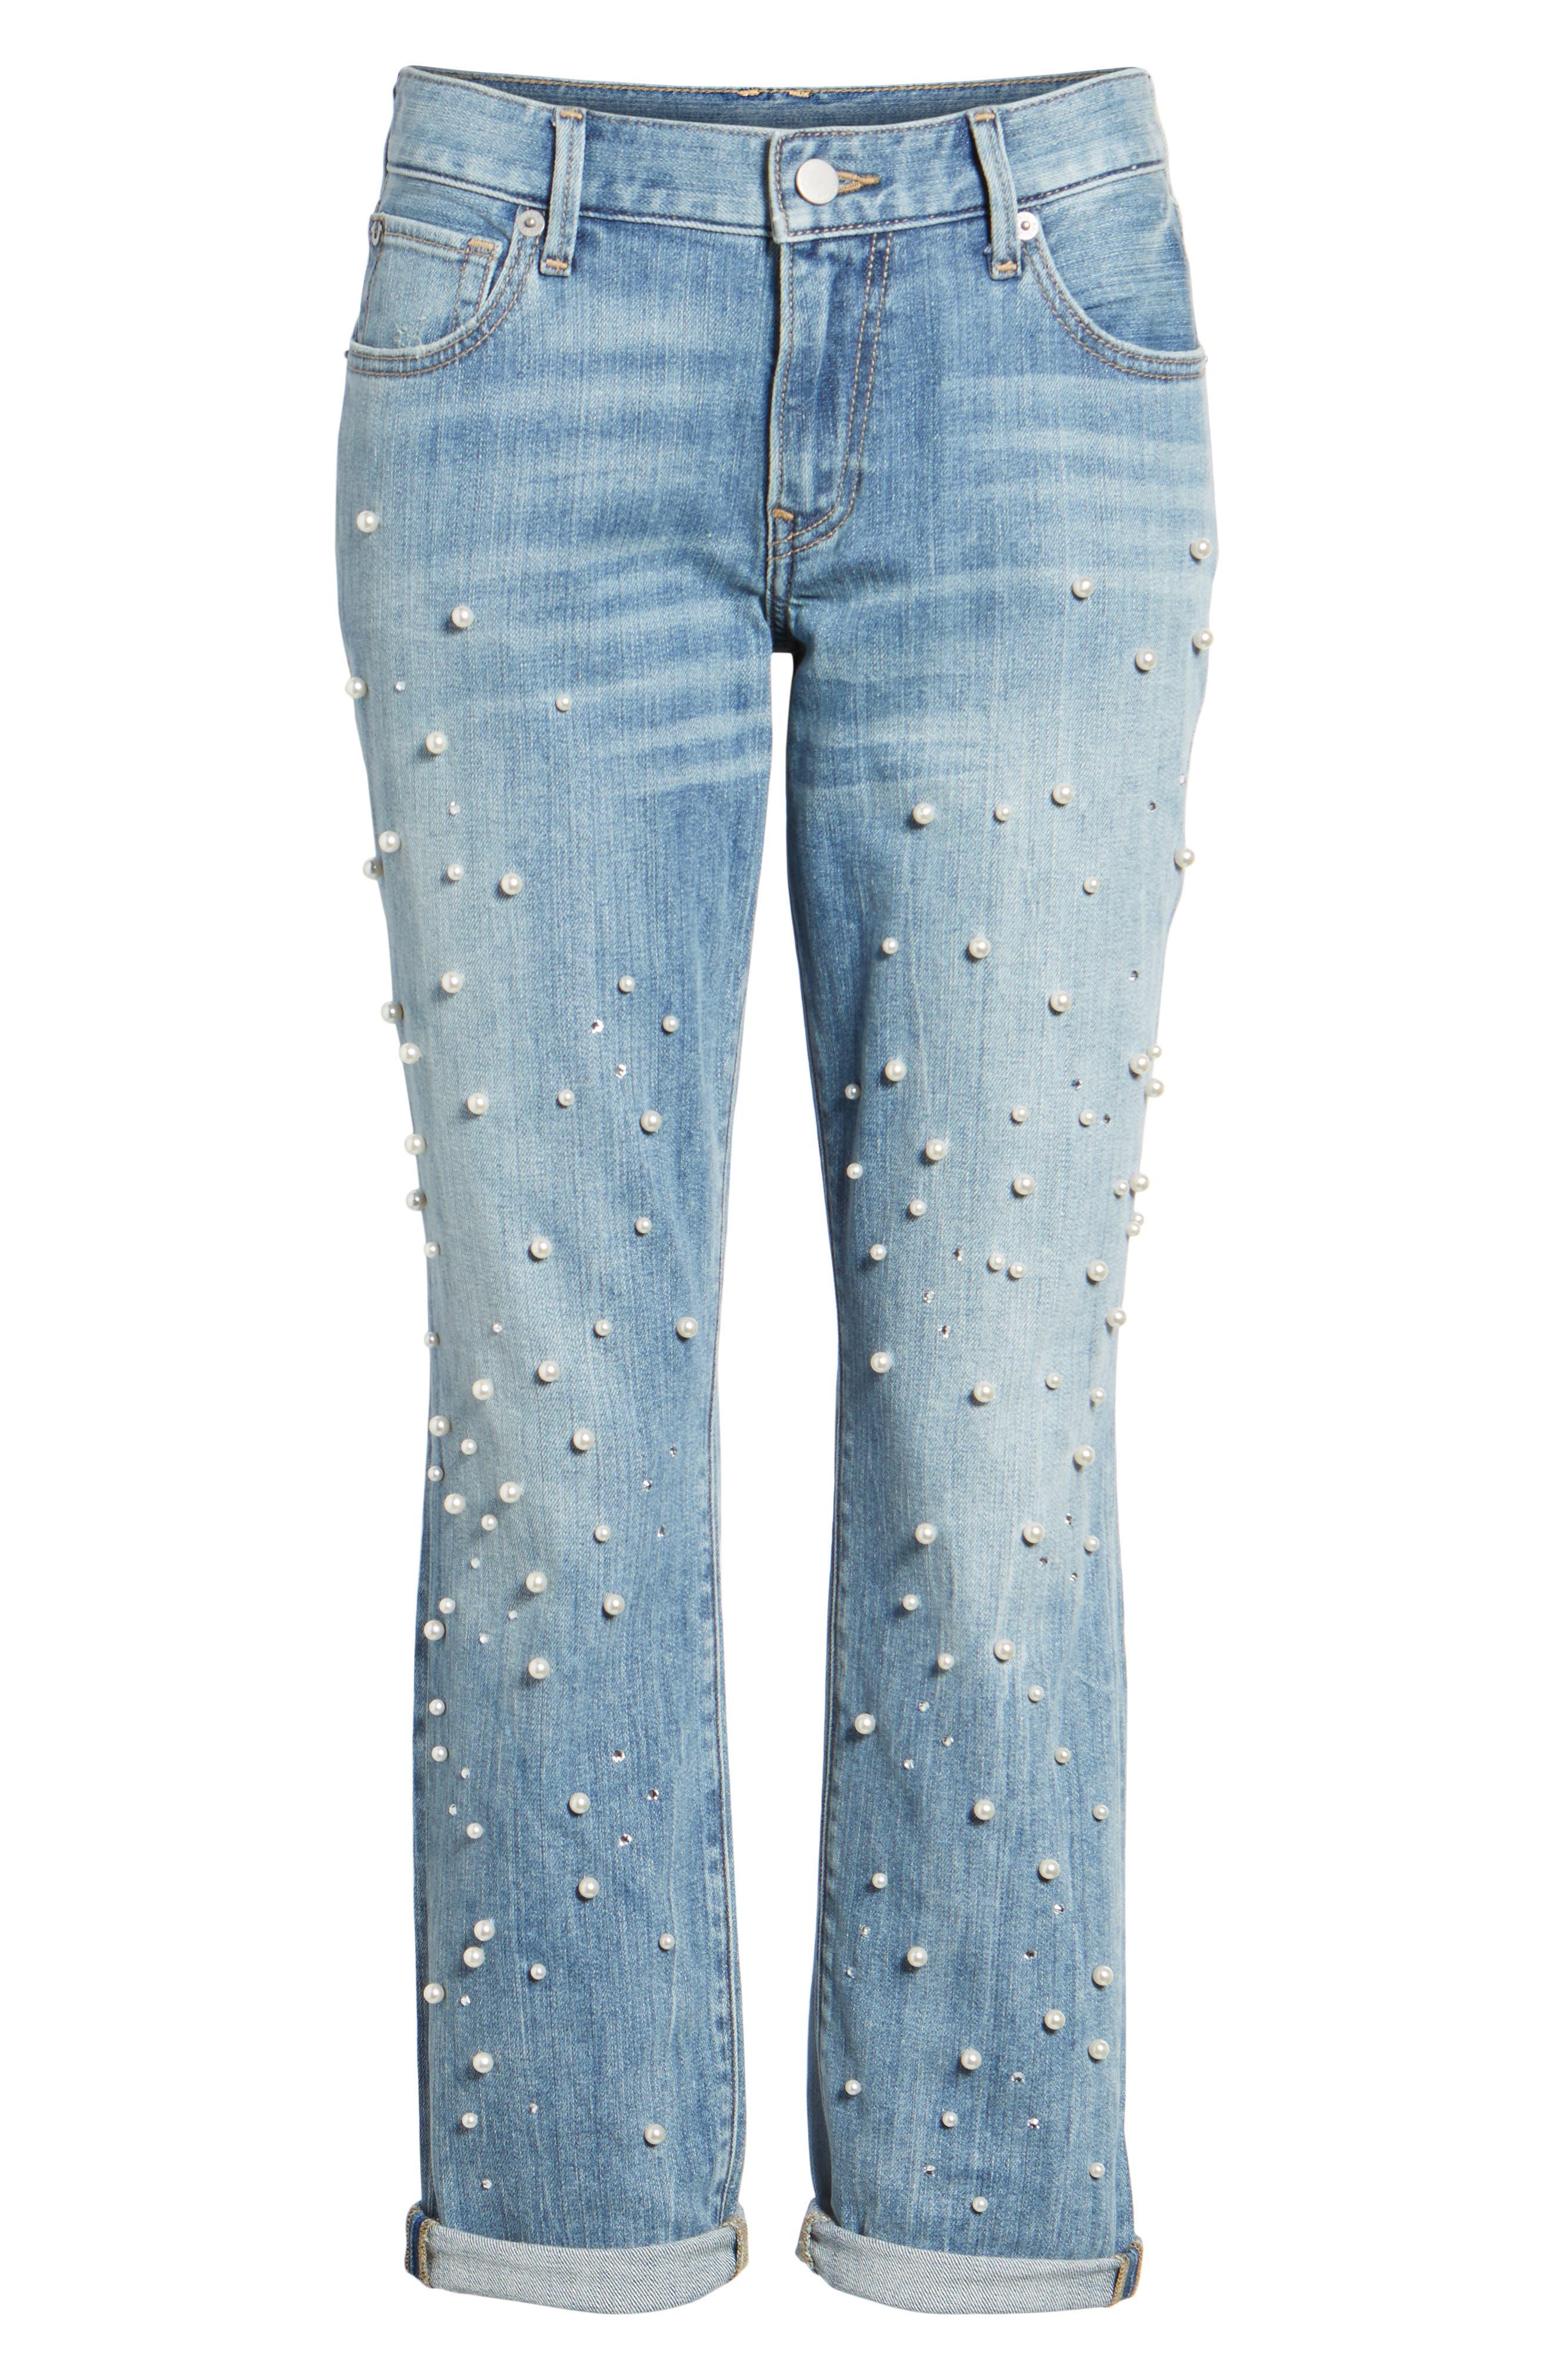 Cameron Slim Boyfriend Jeans,                             Alternate thumbnail 6, color,                             401